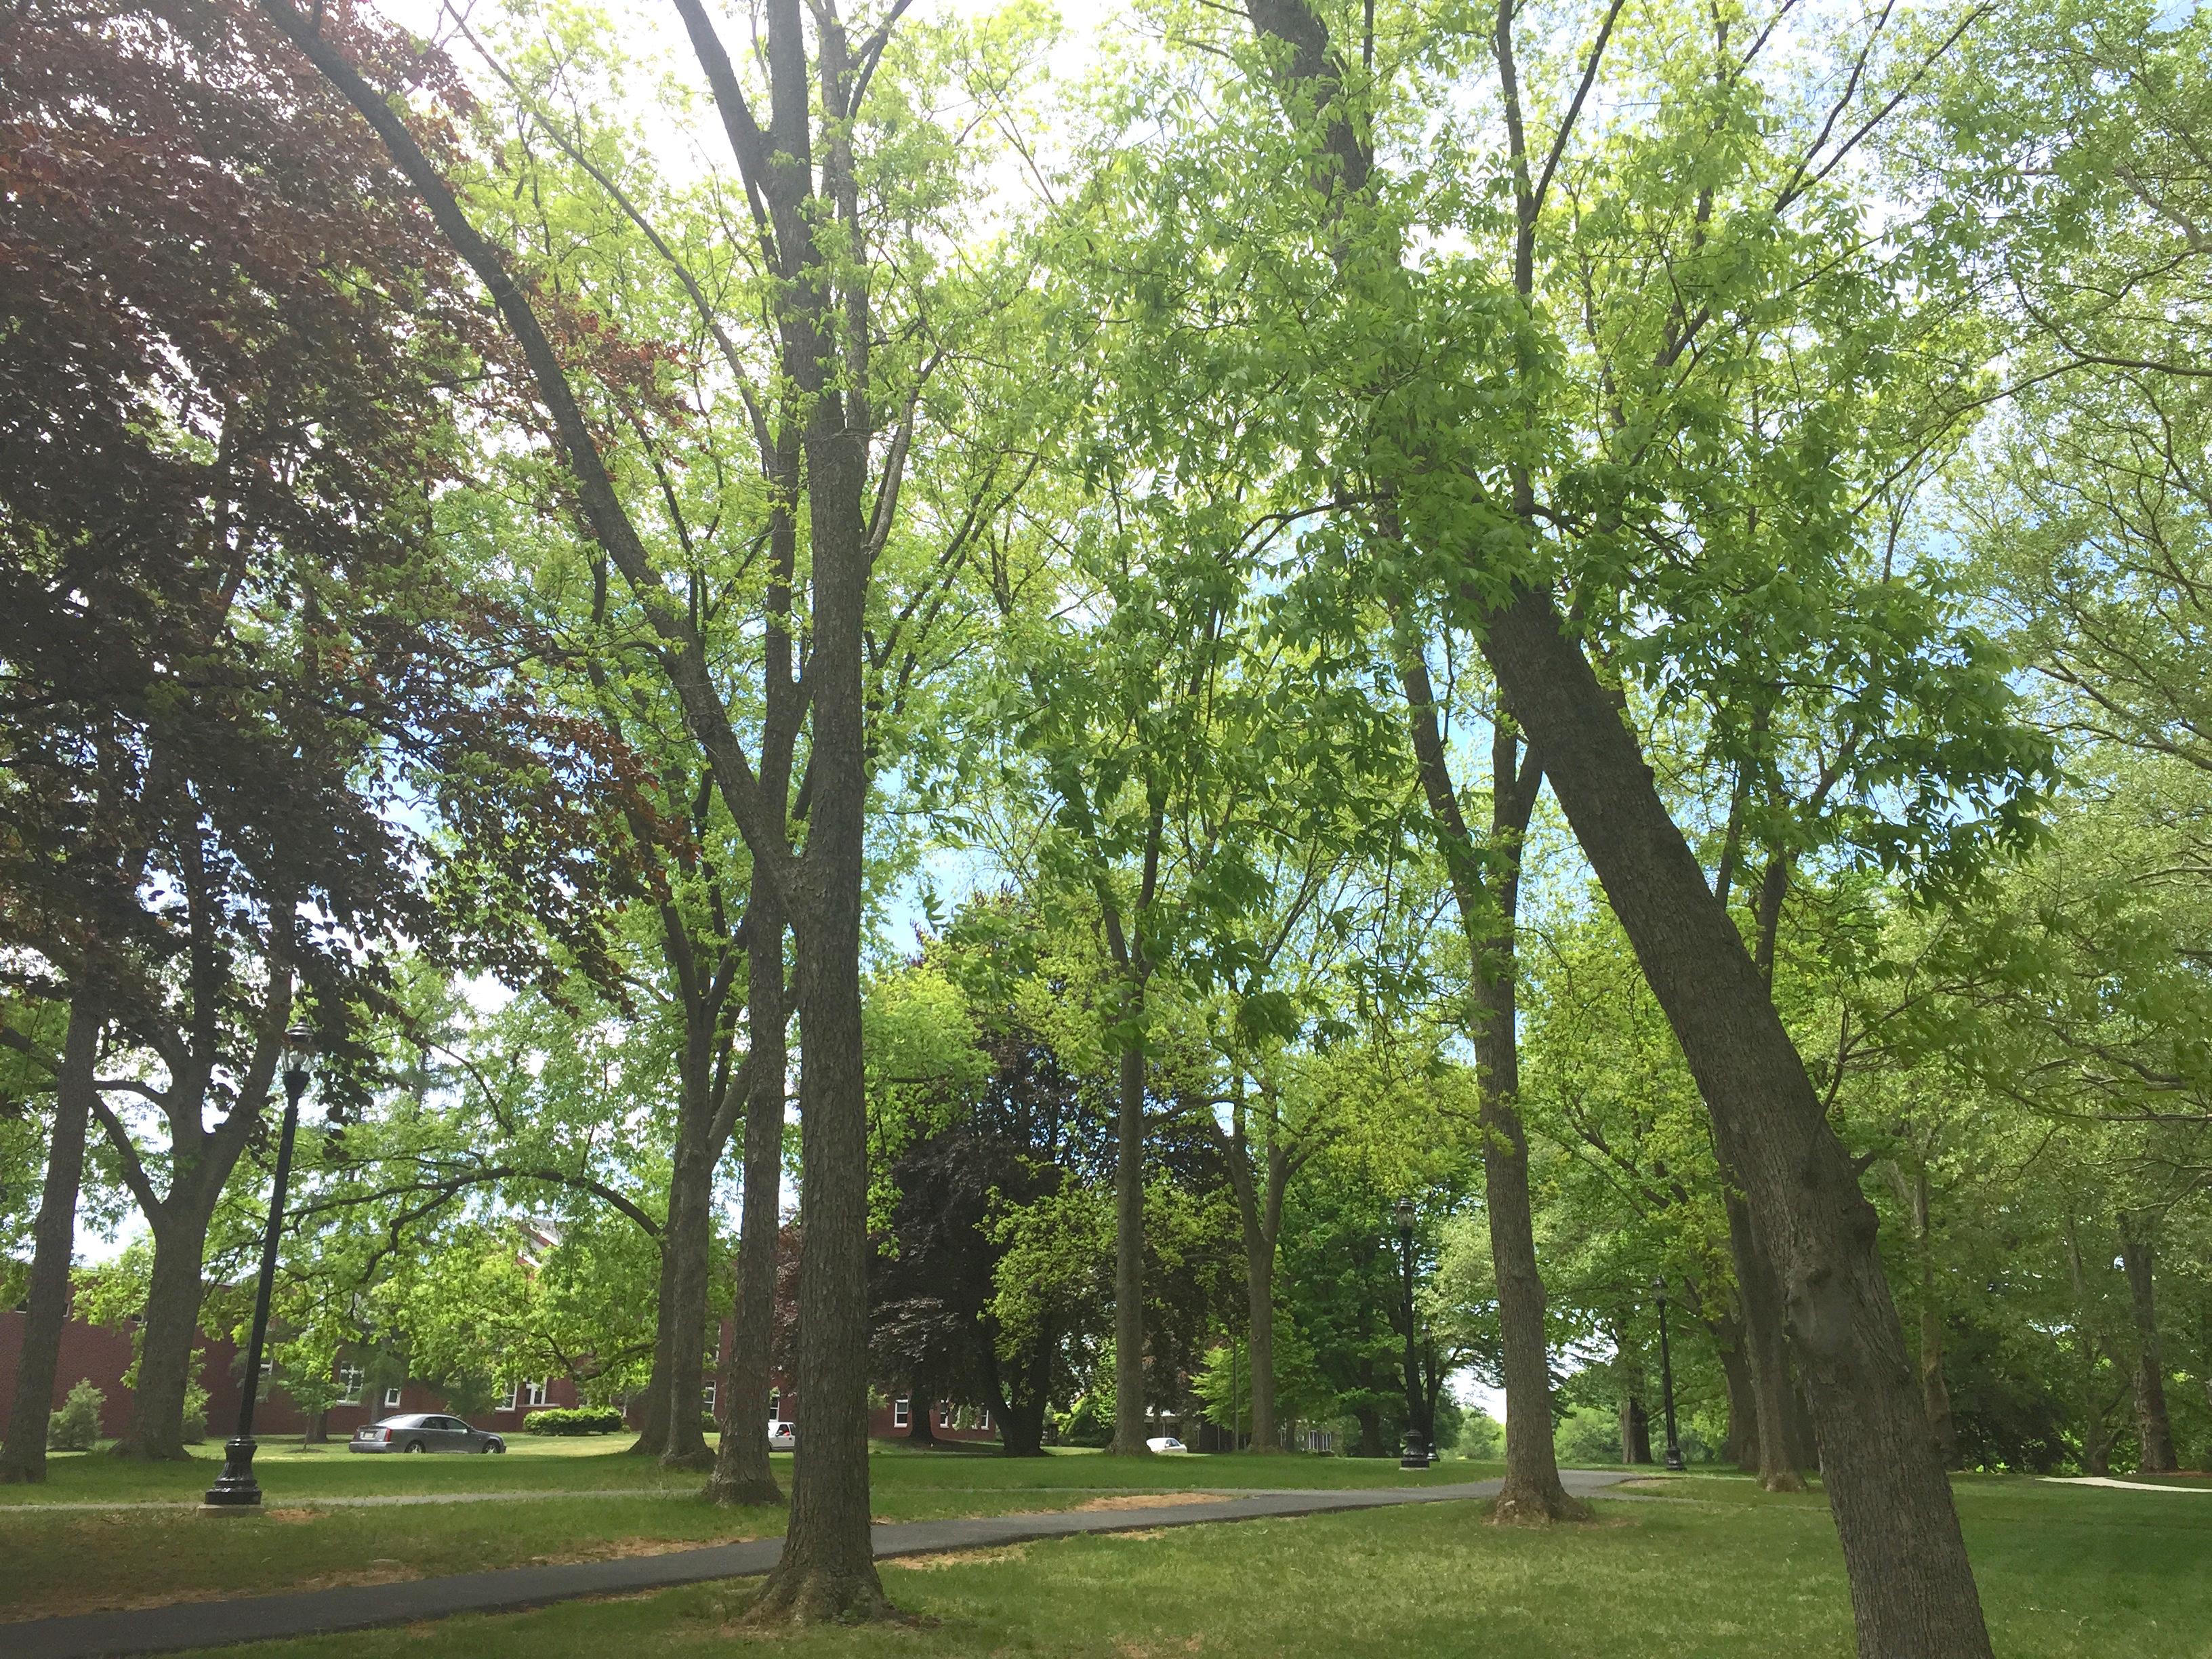 Trees at MHS